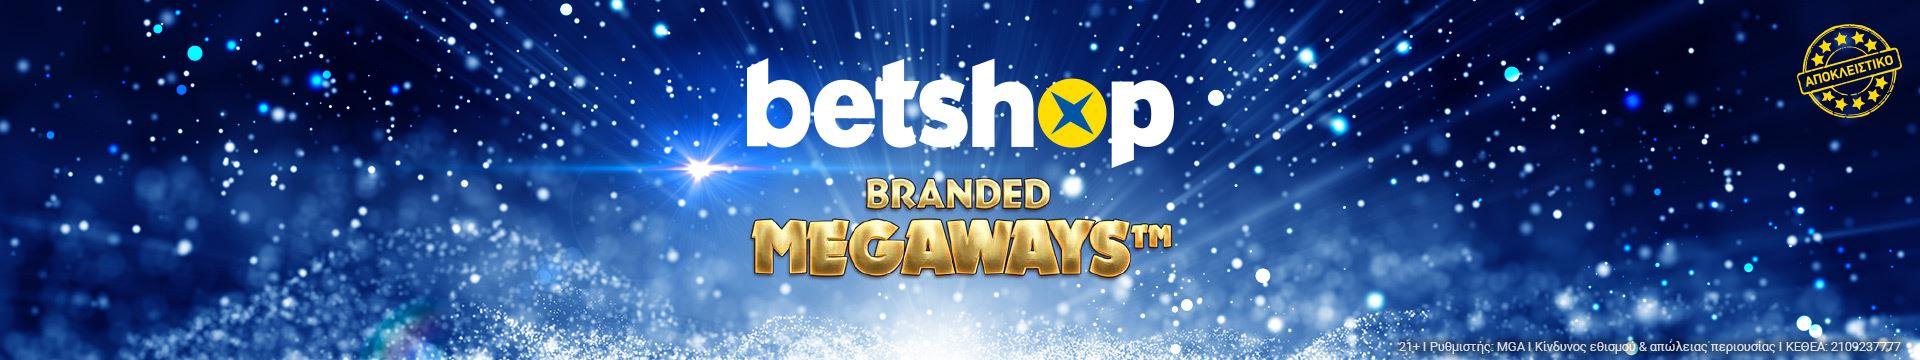 Branded_Megaways